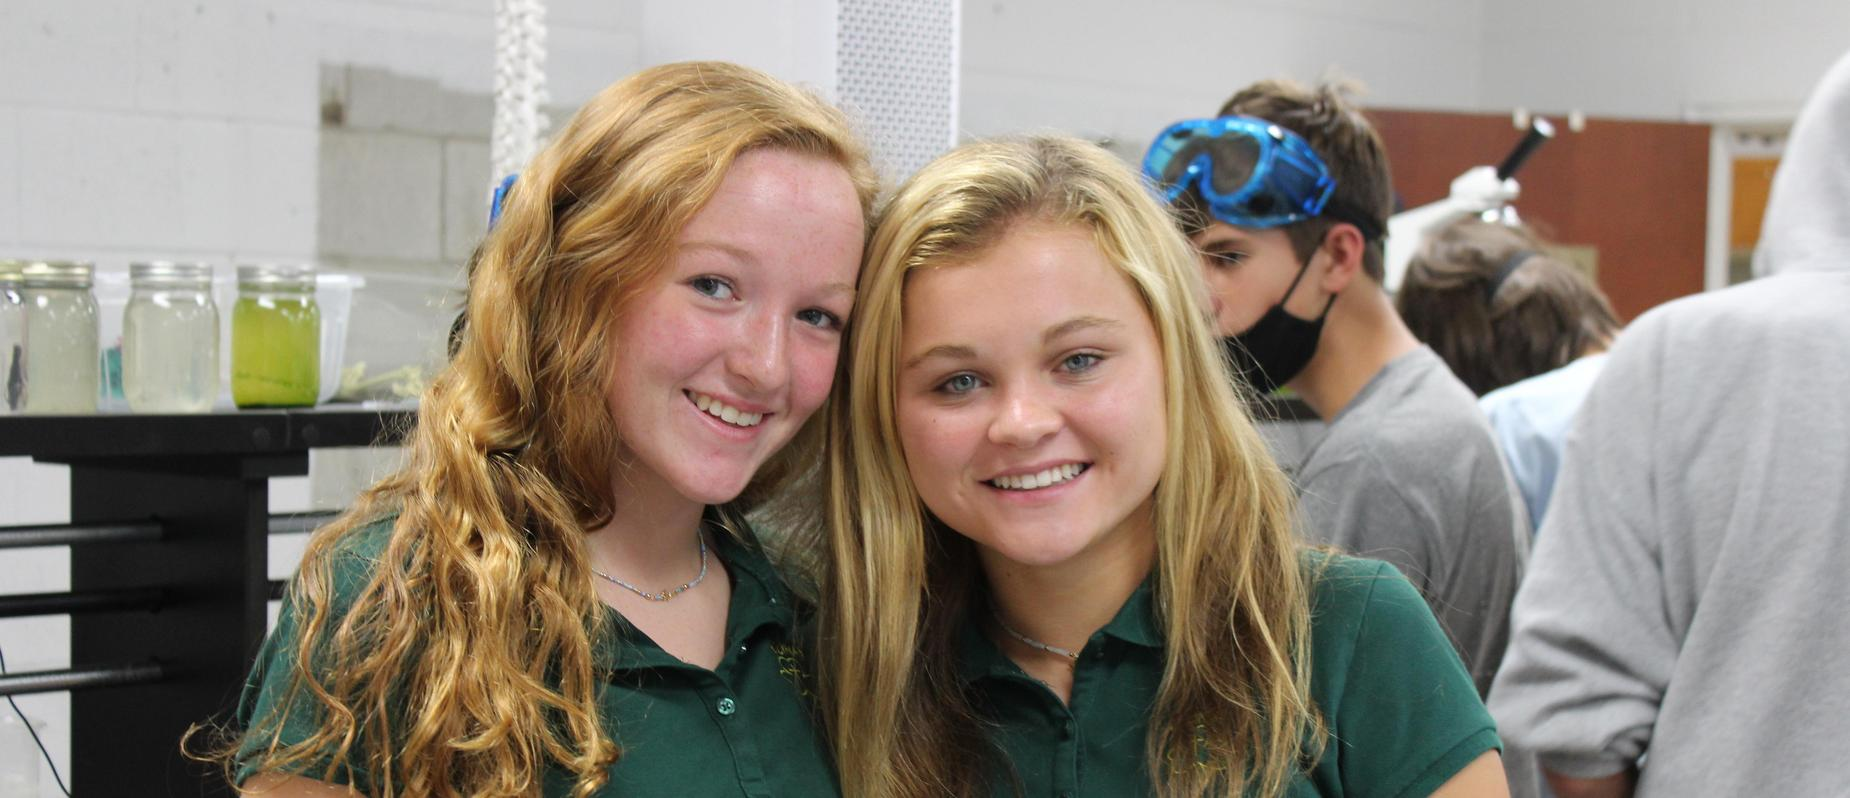 Hannah and Caroline